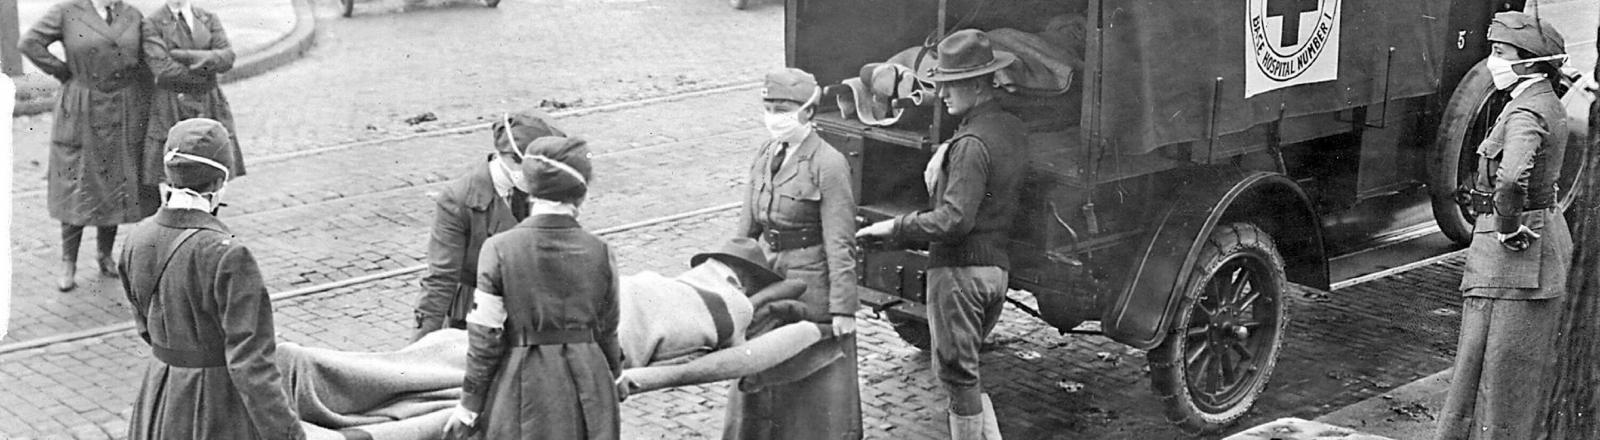 Das amerikanische rote Kreuz transportiert ein Opfer der spanischen Grippe aus seinem Haus, 1918. St. Louis